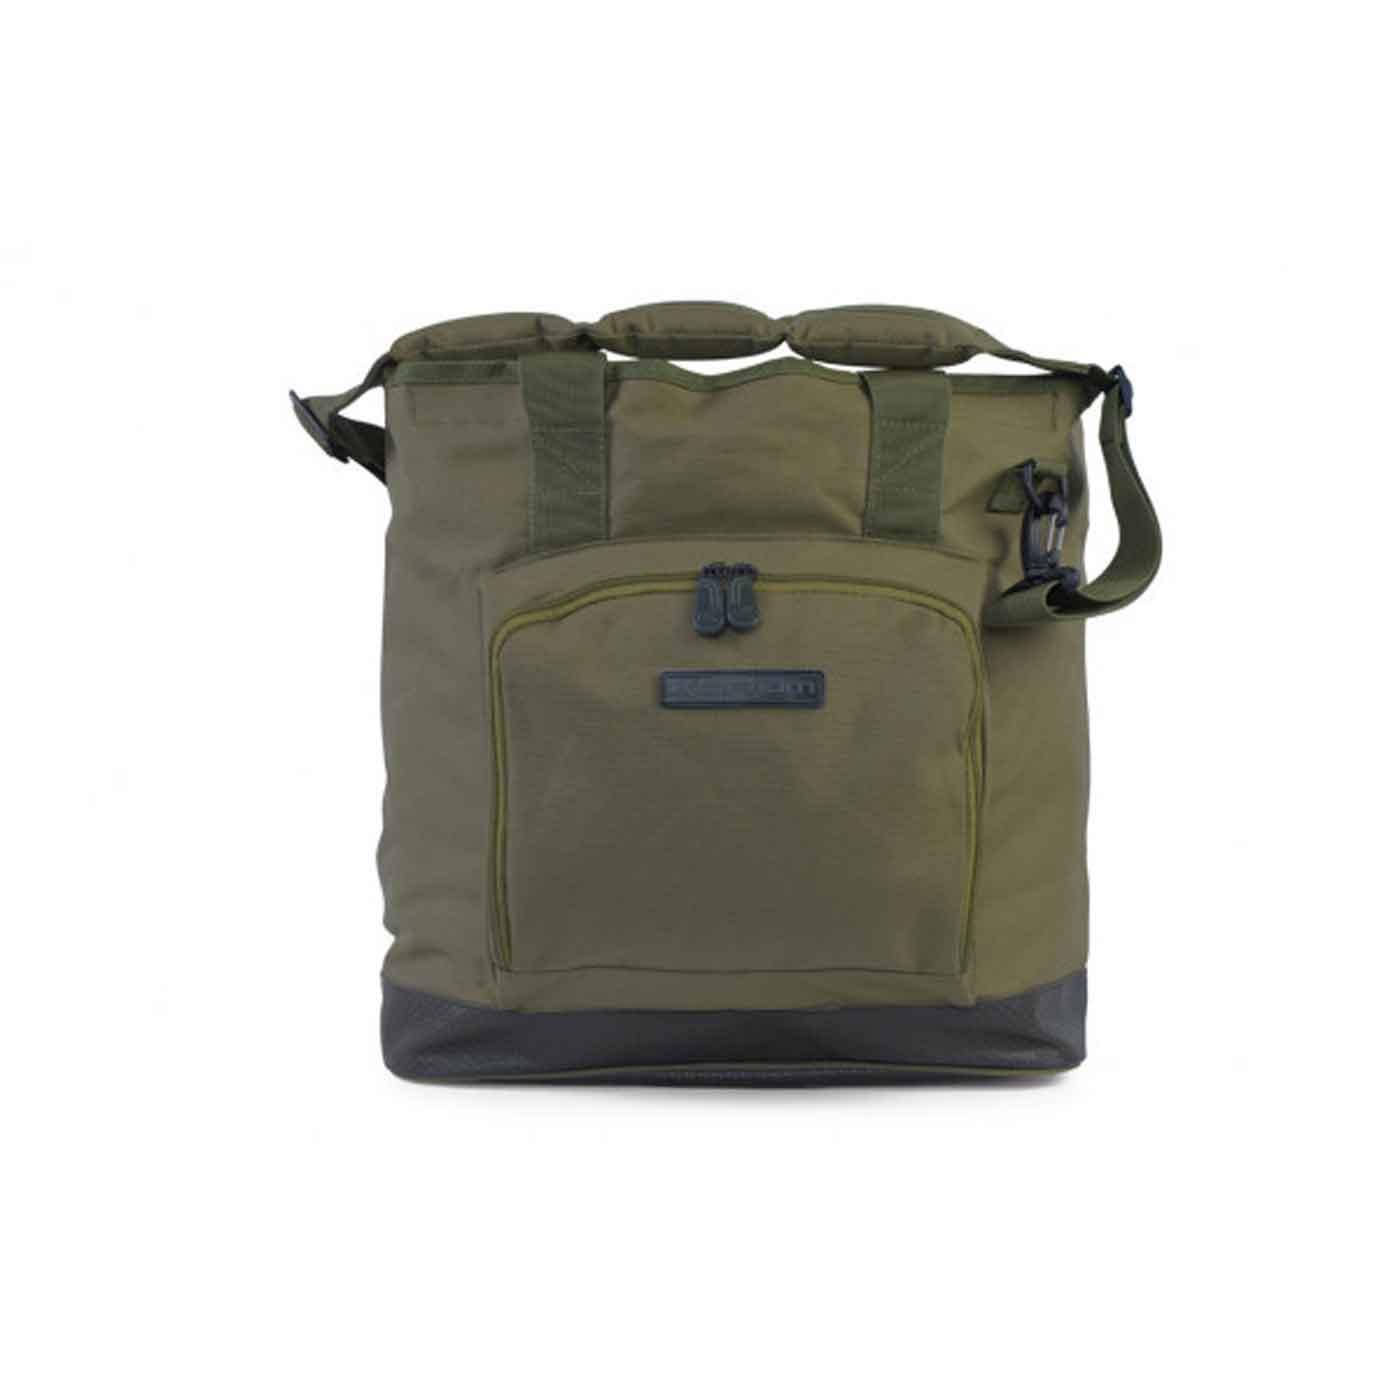 Korum Baits & Bits Bag